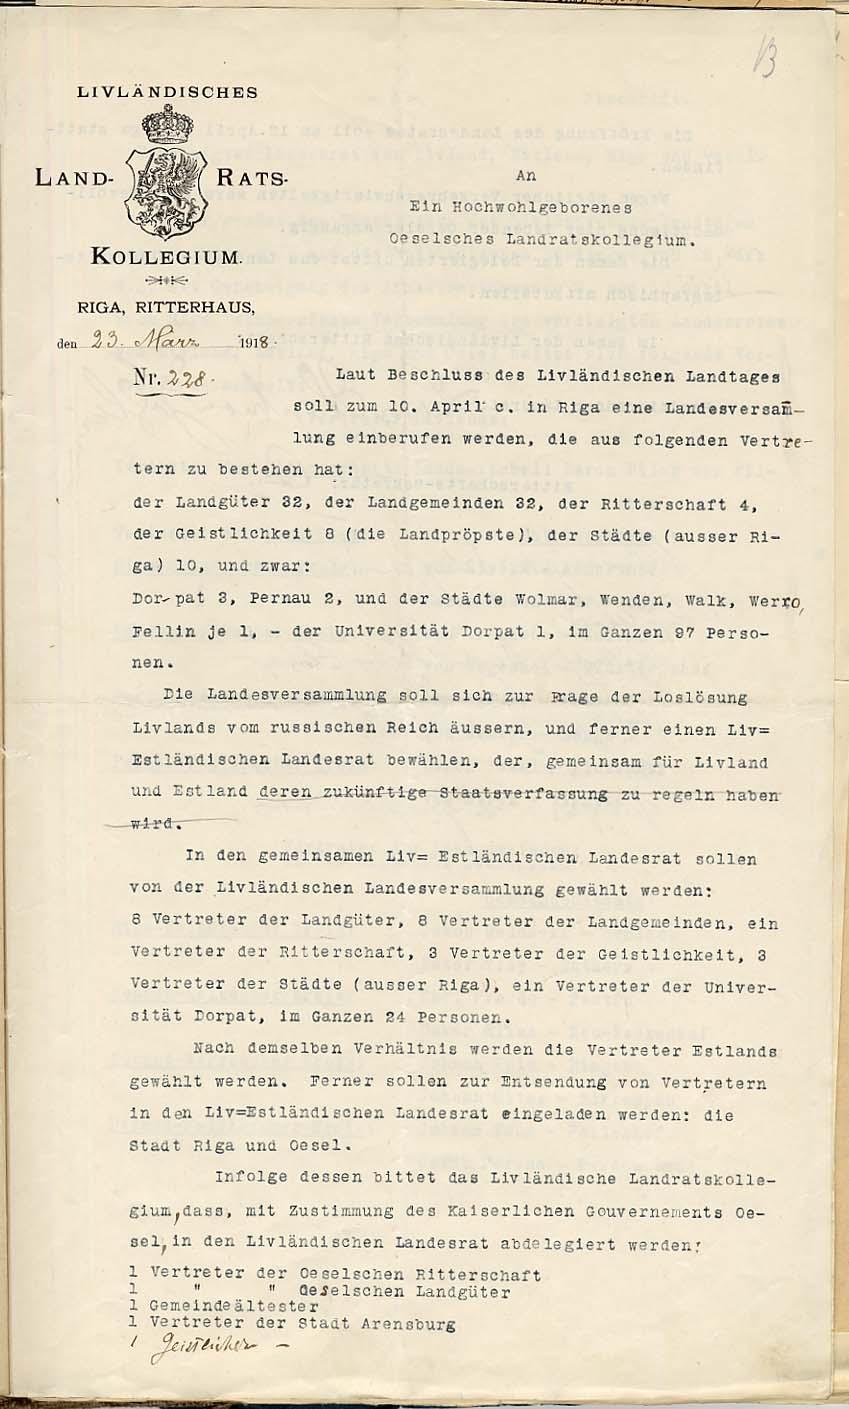 Liivimaa maavolikogu kokkukutsumise teade. RA, EAA.957.1.306, l. 13